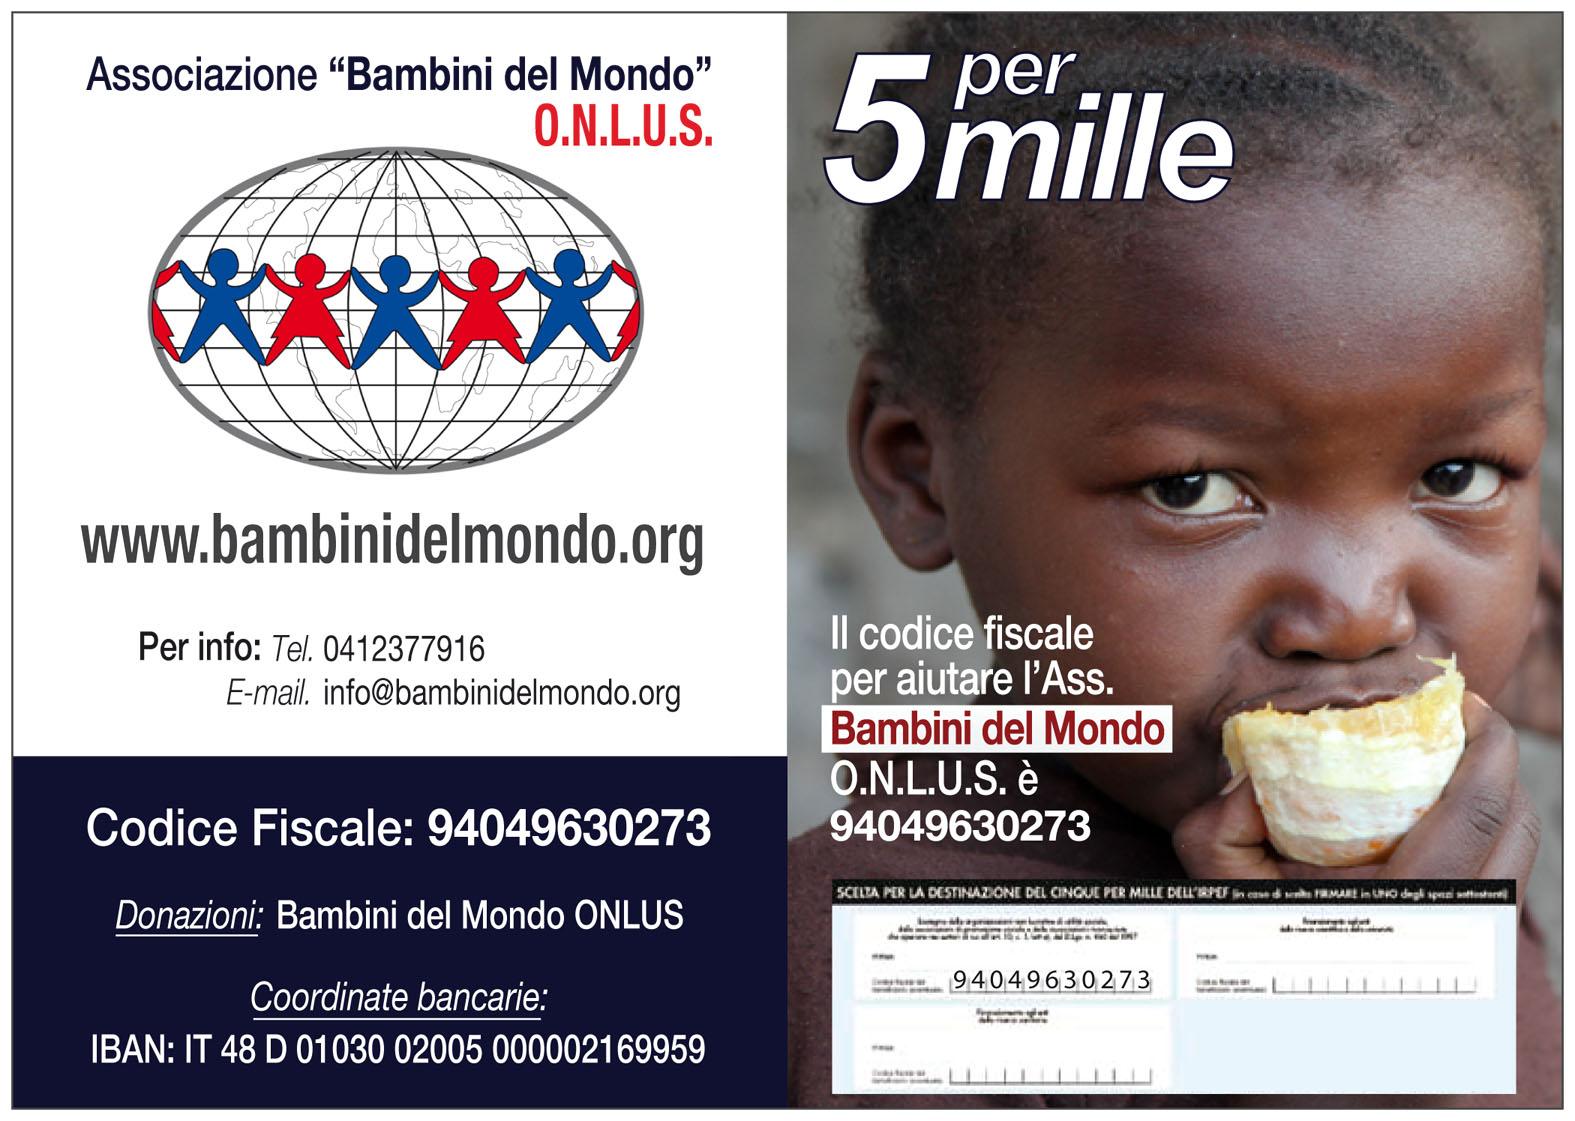 5 per mille Bambini del Mondo ONLUS